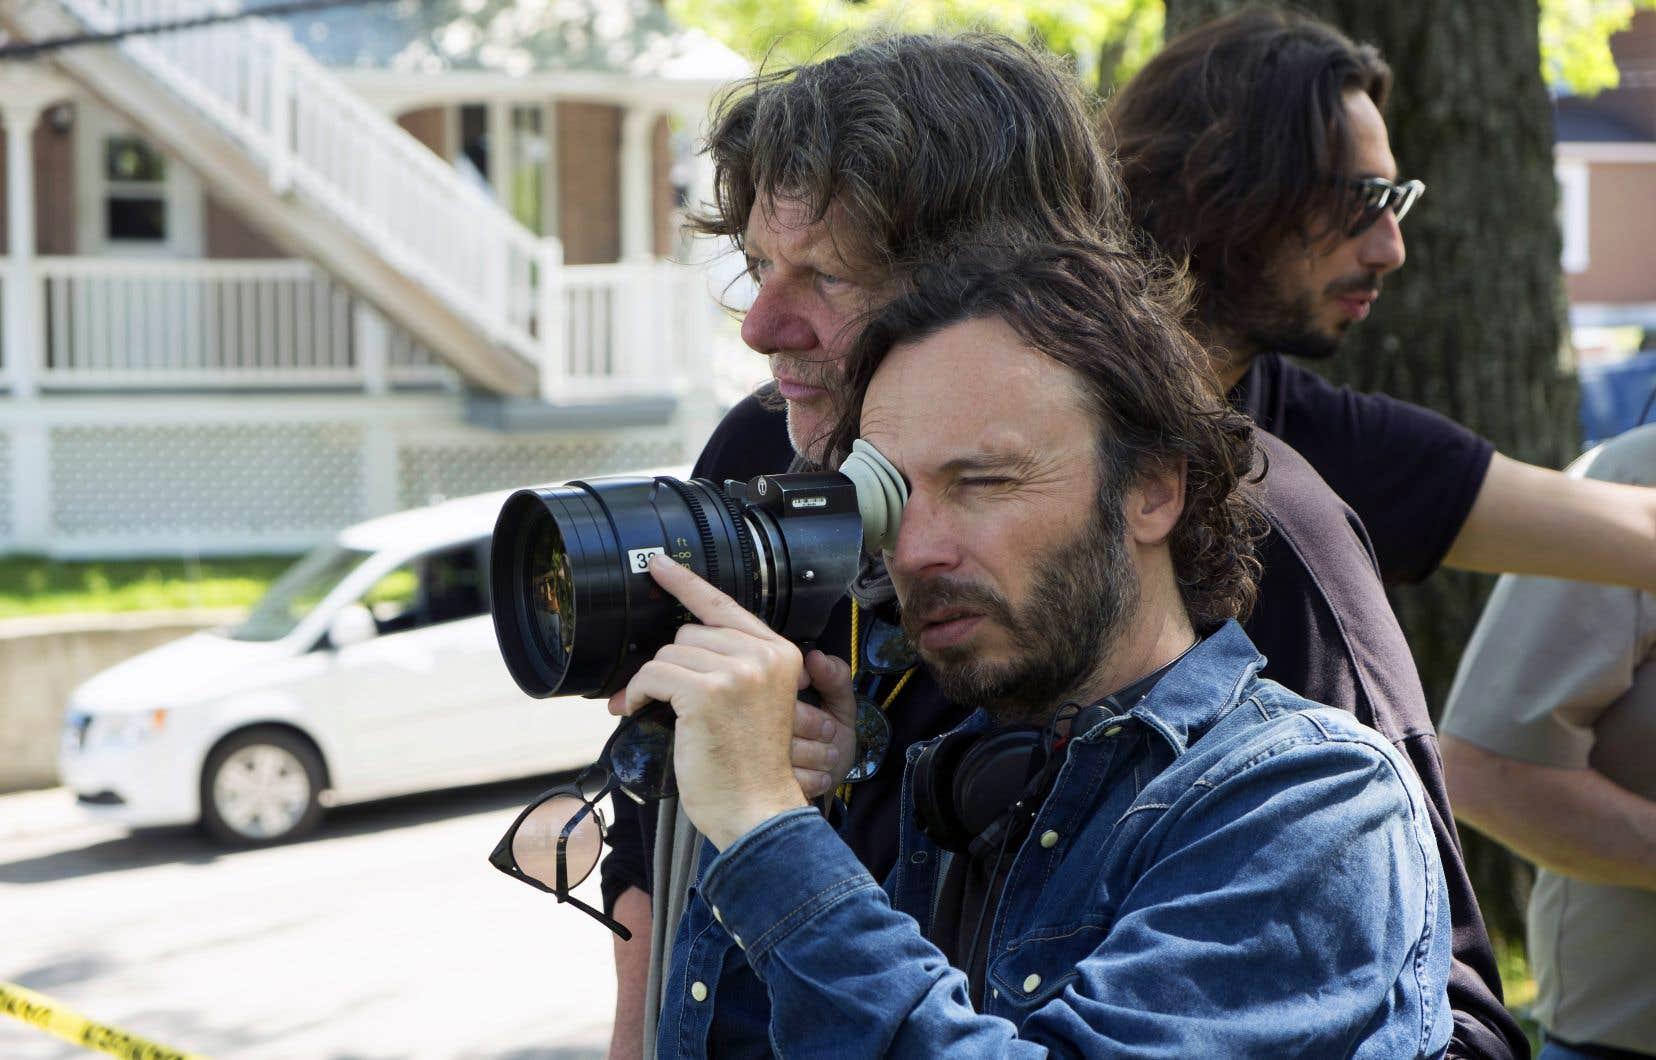 Sébastien Pilote sur le plateau de tournage de son nouveau film, «La disparition des lucioles»